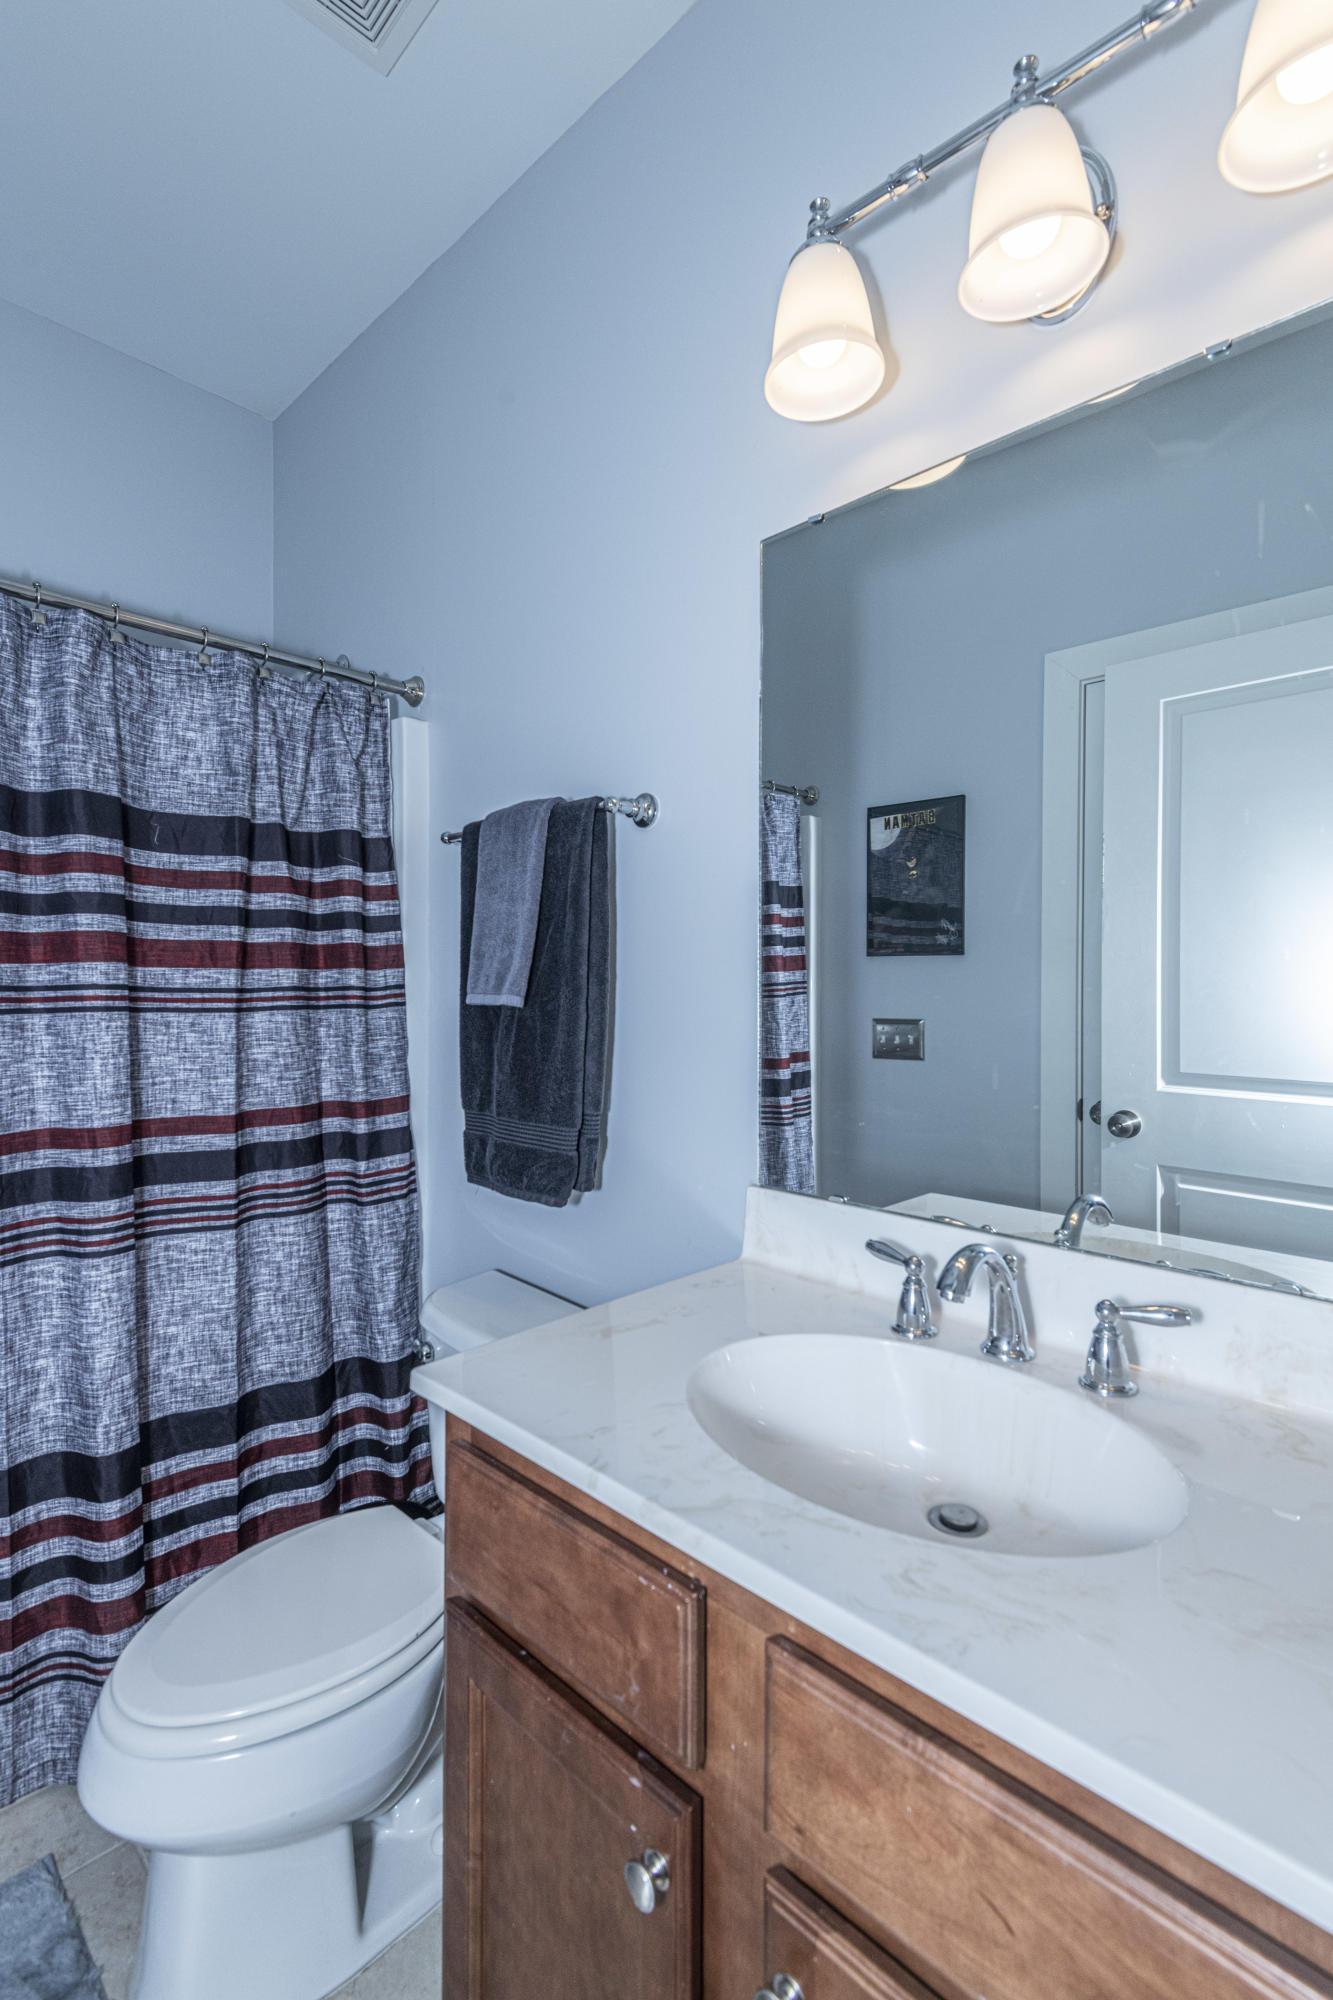 Dunes West Homes For Sale - 3007 Yachtsman, Mount Pleasant, SC - 28